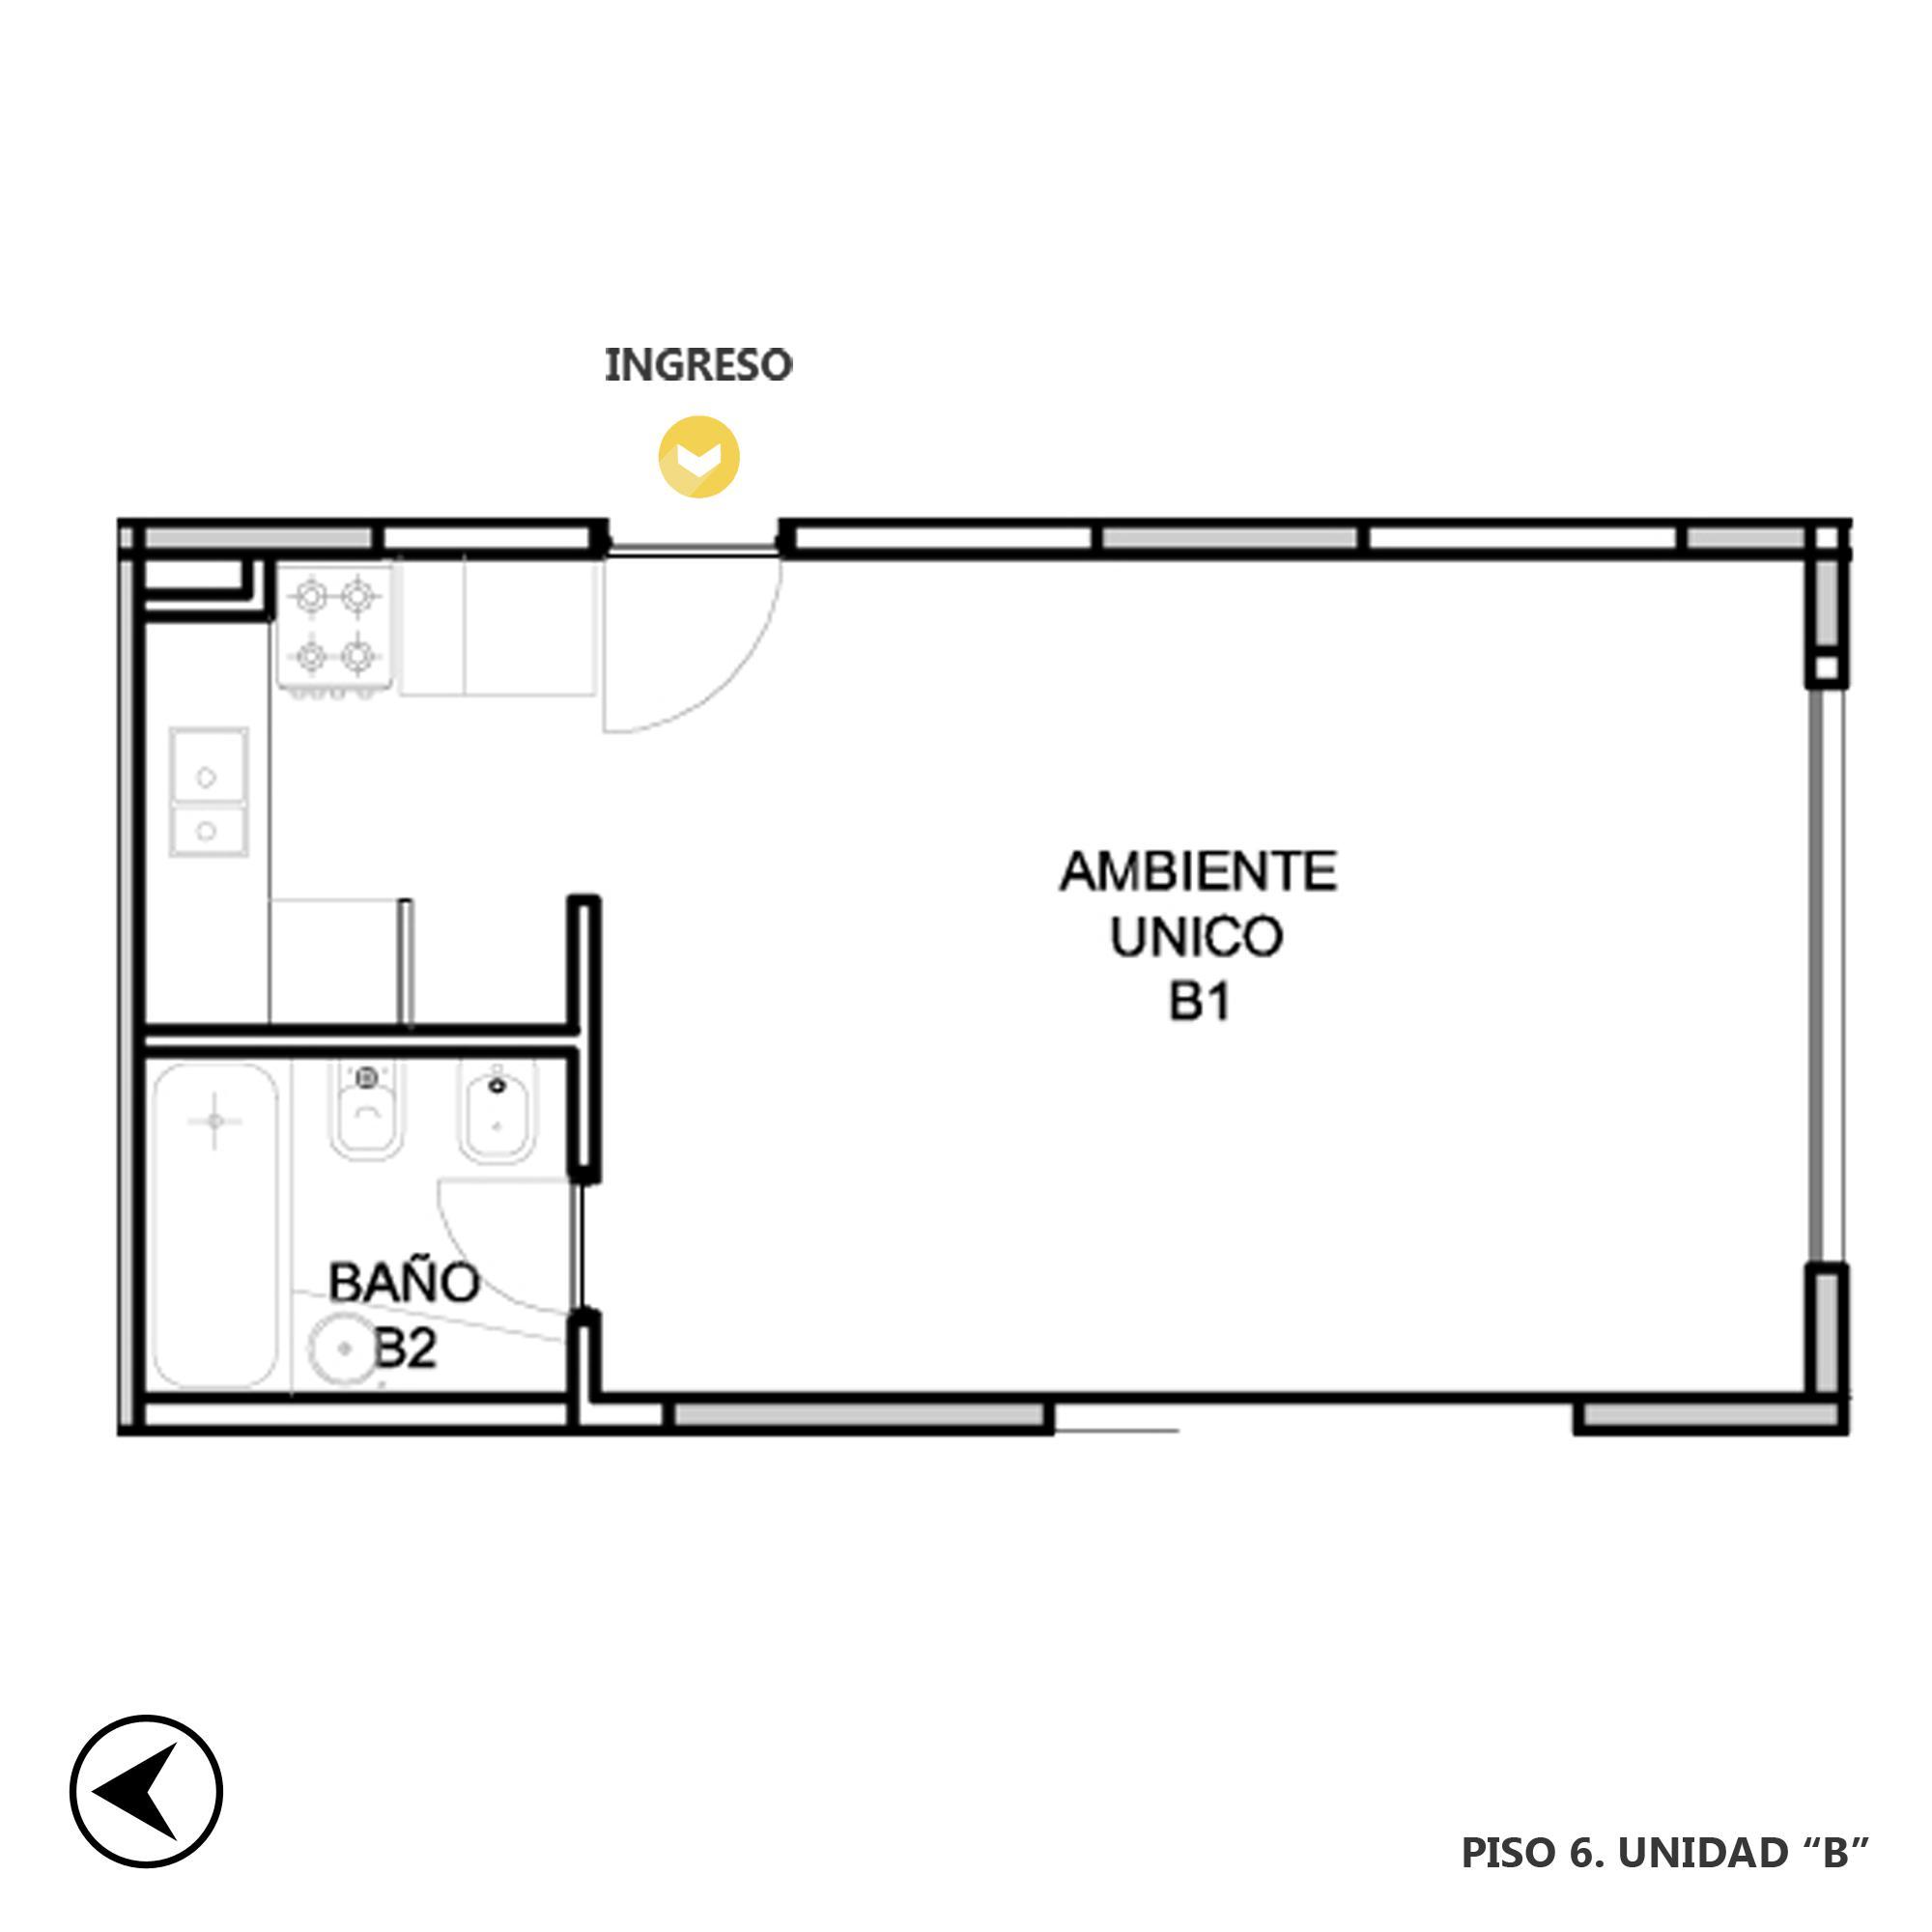 Venta departamento monoambiente Rosario, Abasto. Cod CBU20406 AP2008503. Crestale Propiedades